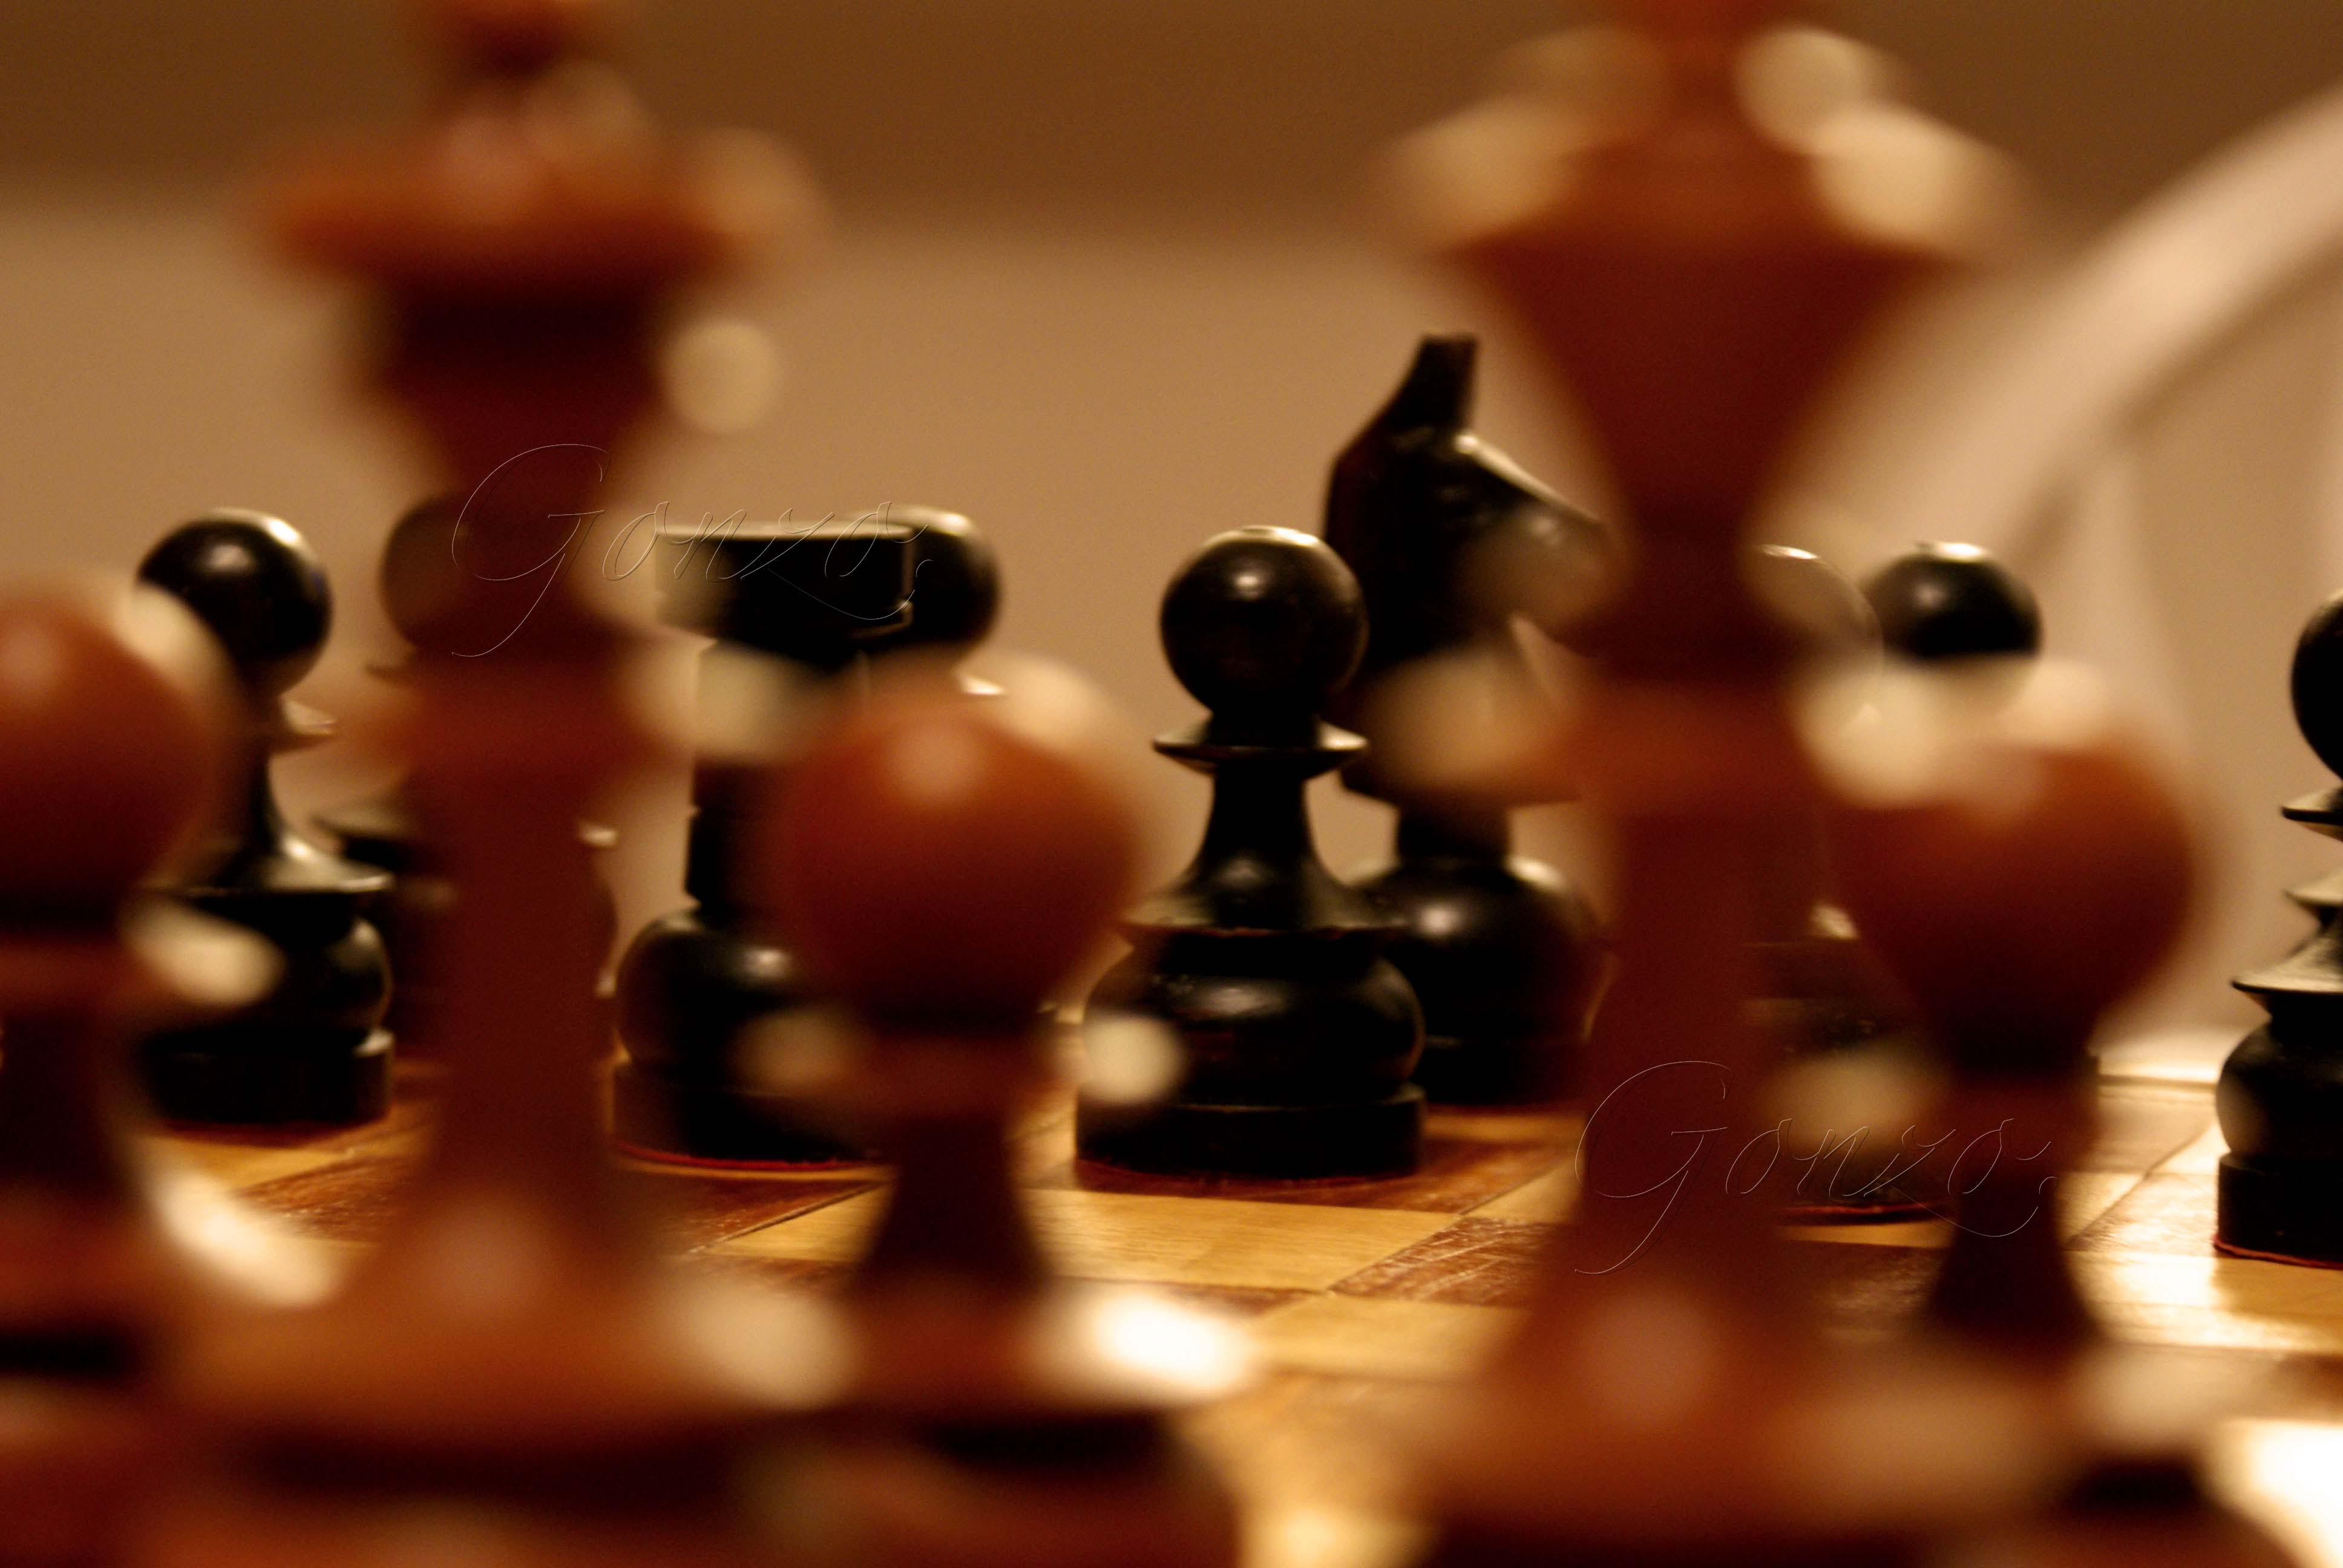 chesswar